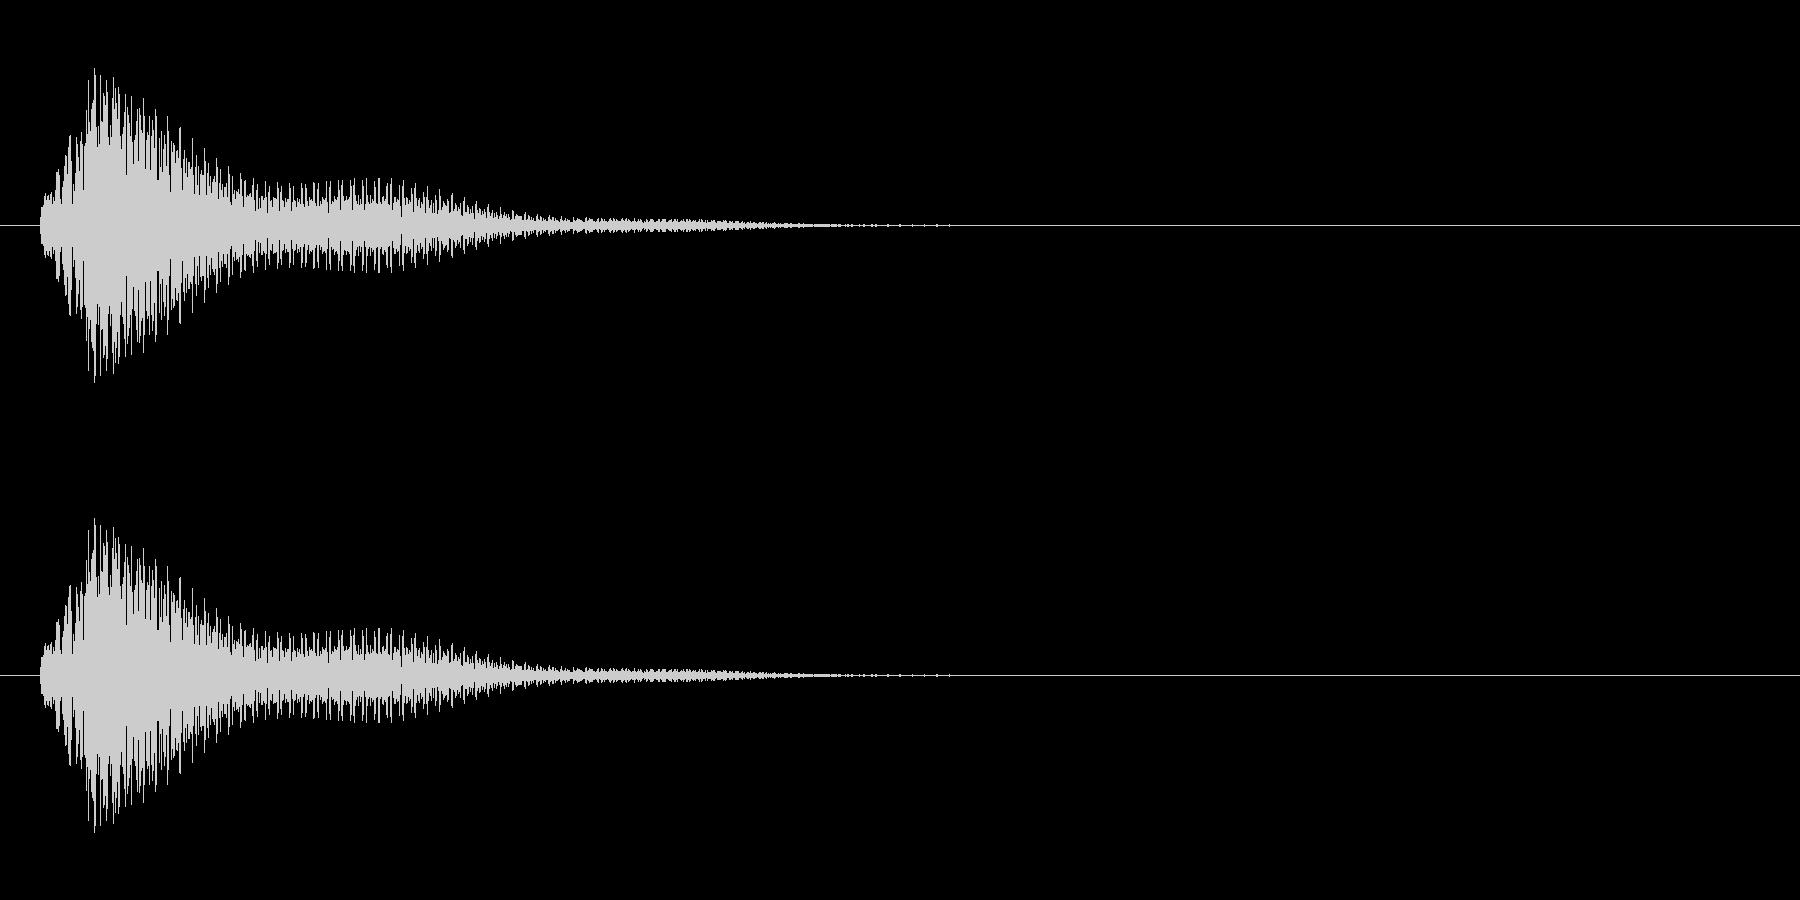 チャランといったシンプルな決定音・魔法音の未再生の波形